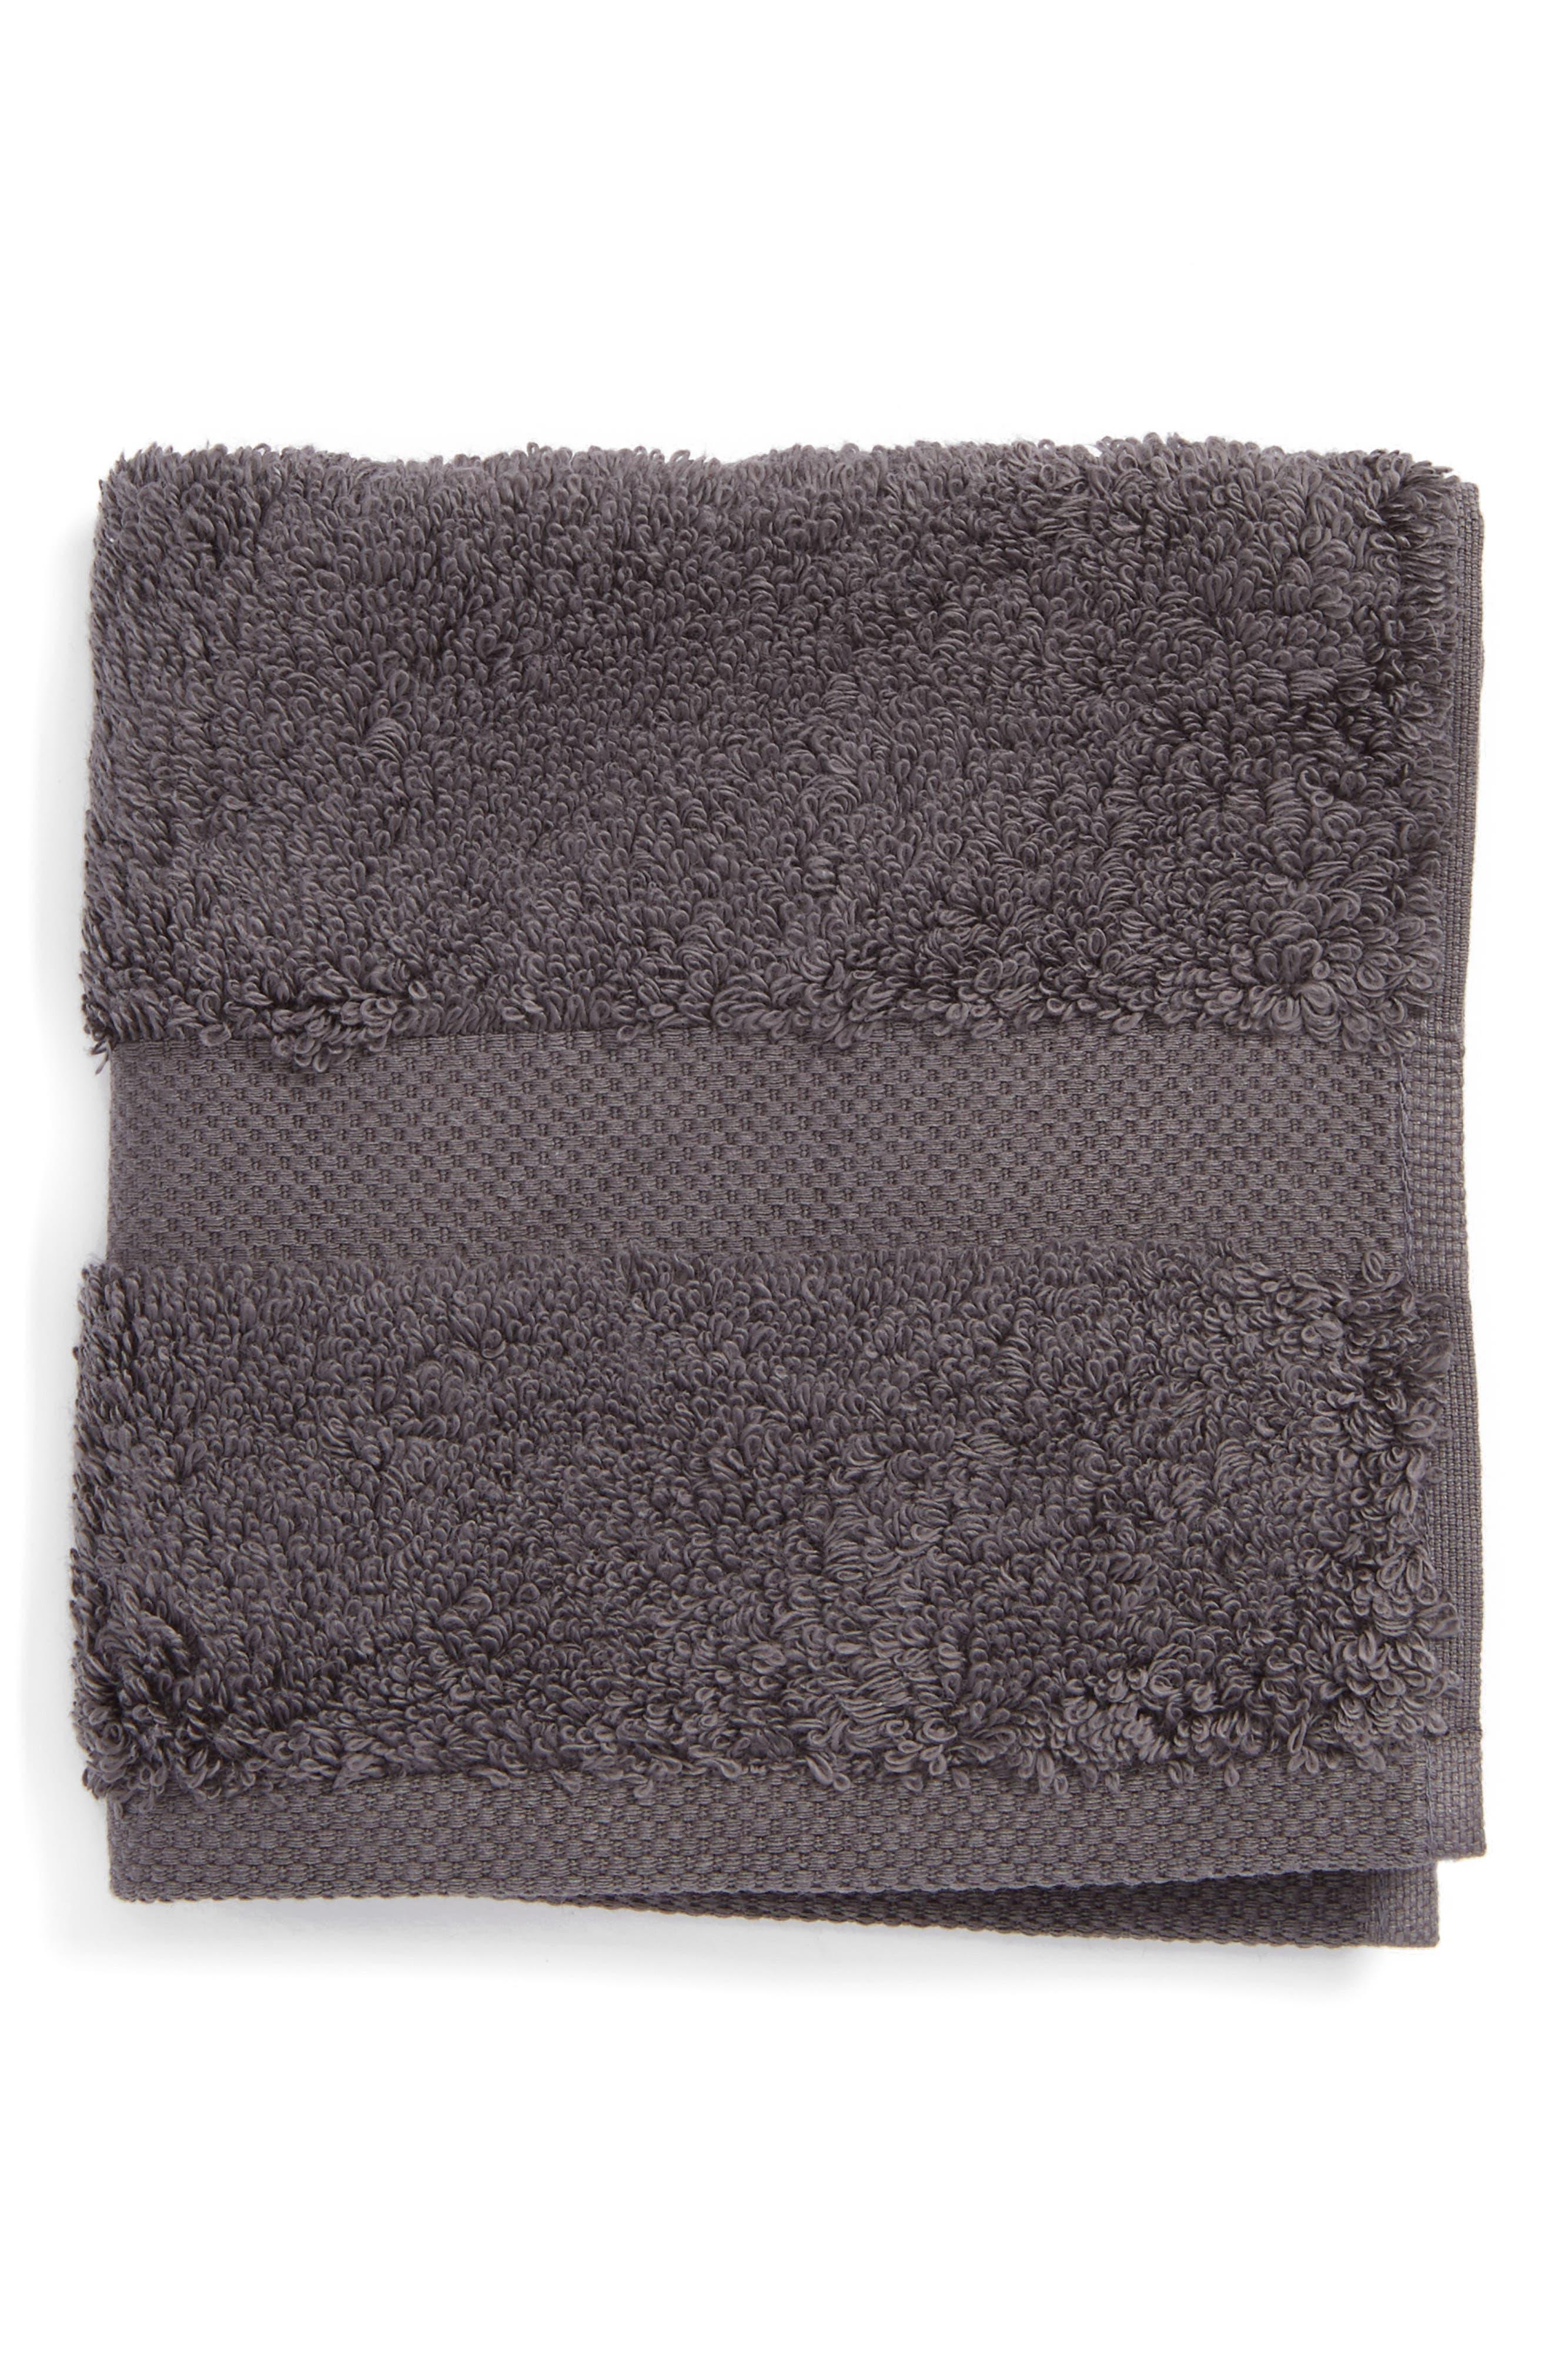 Lotus Washcloth,                         Main,                         color, Charcoal